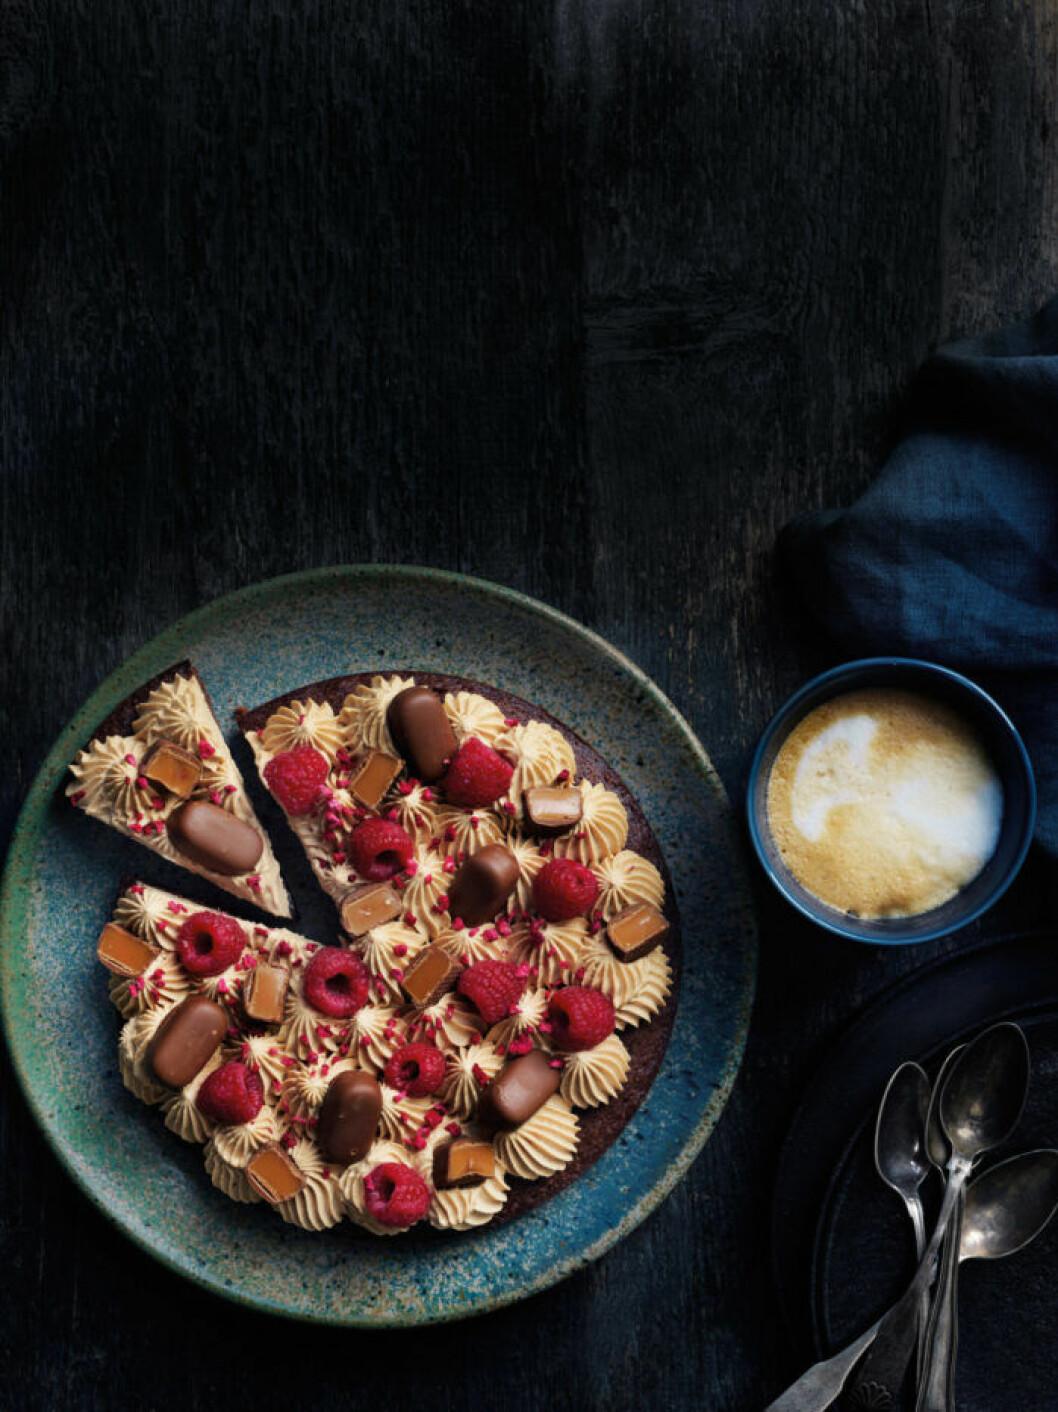 Recept på kladdkaka med Dumleskum och hallon